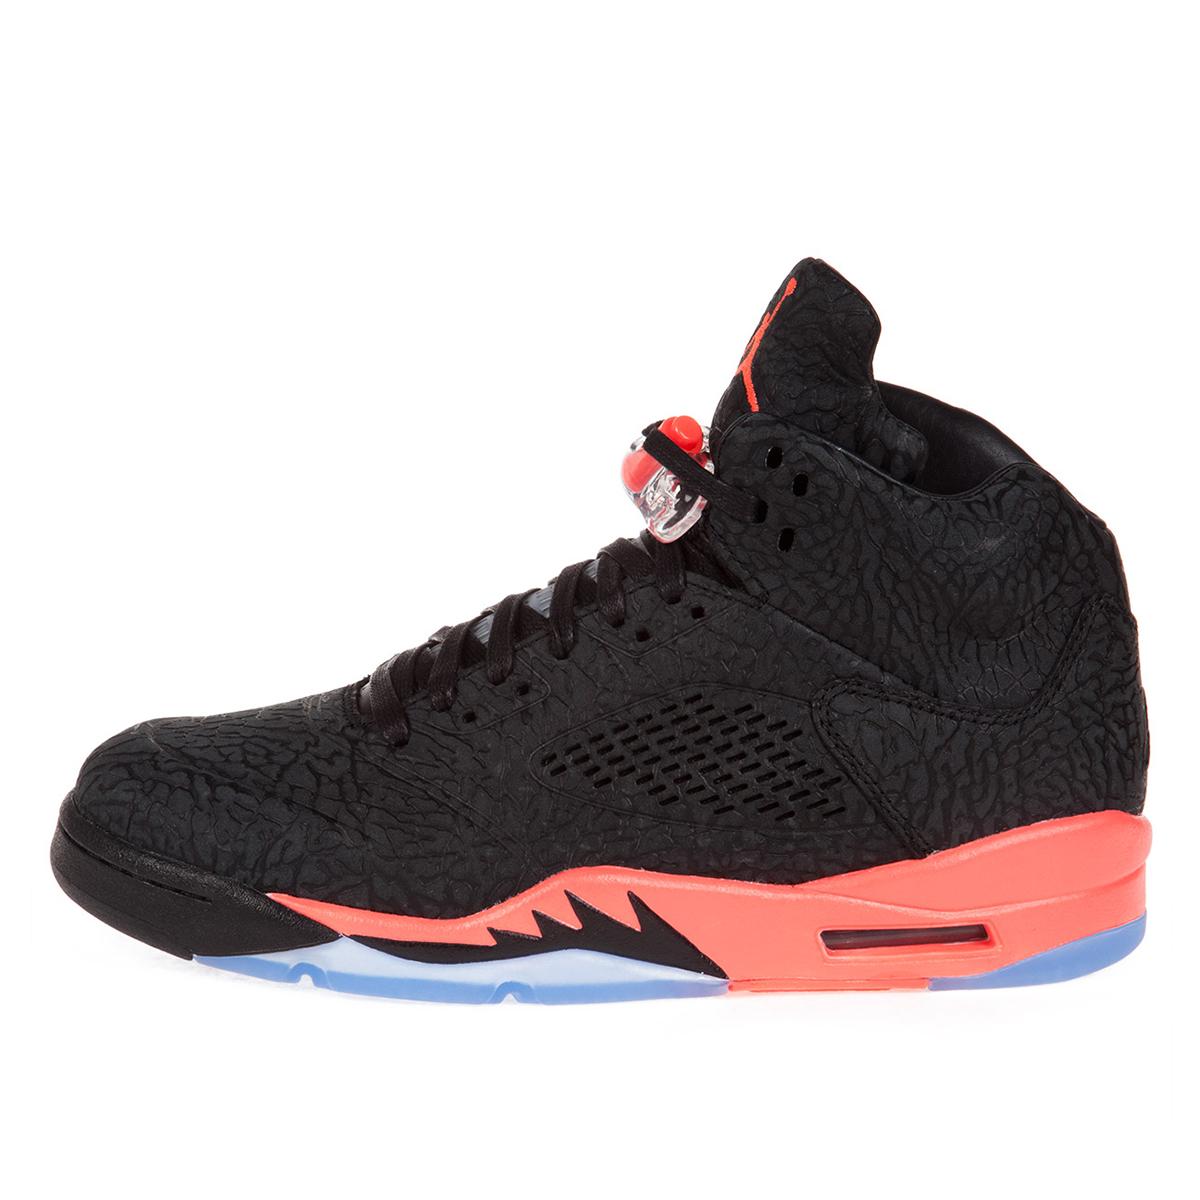 Air Jordan Nike AJ 5 V Retro Infrared 23